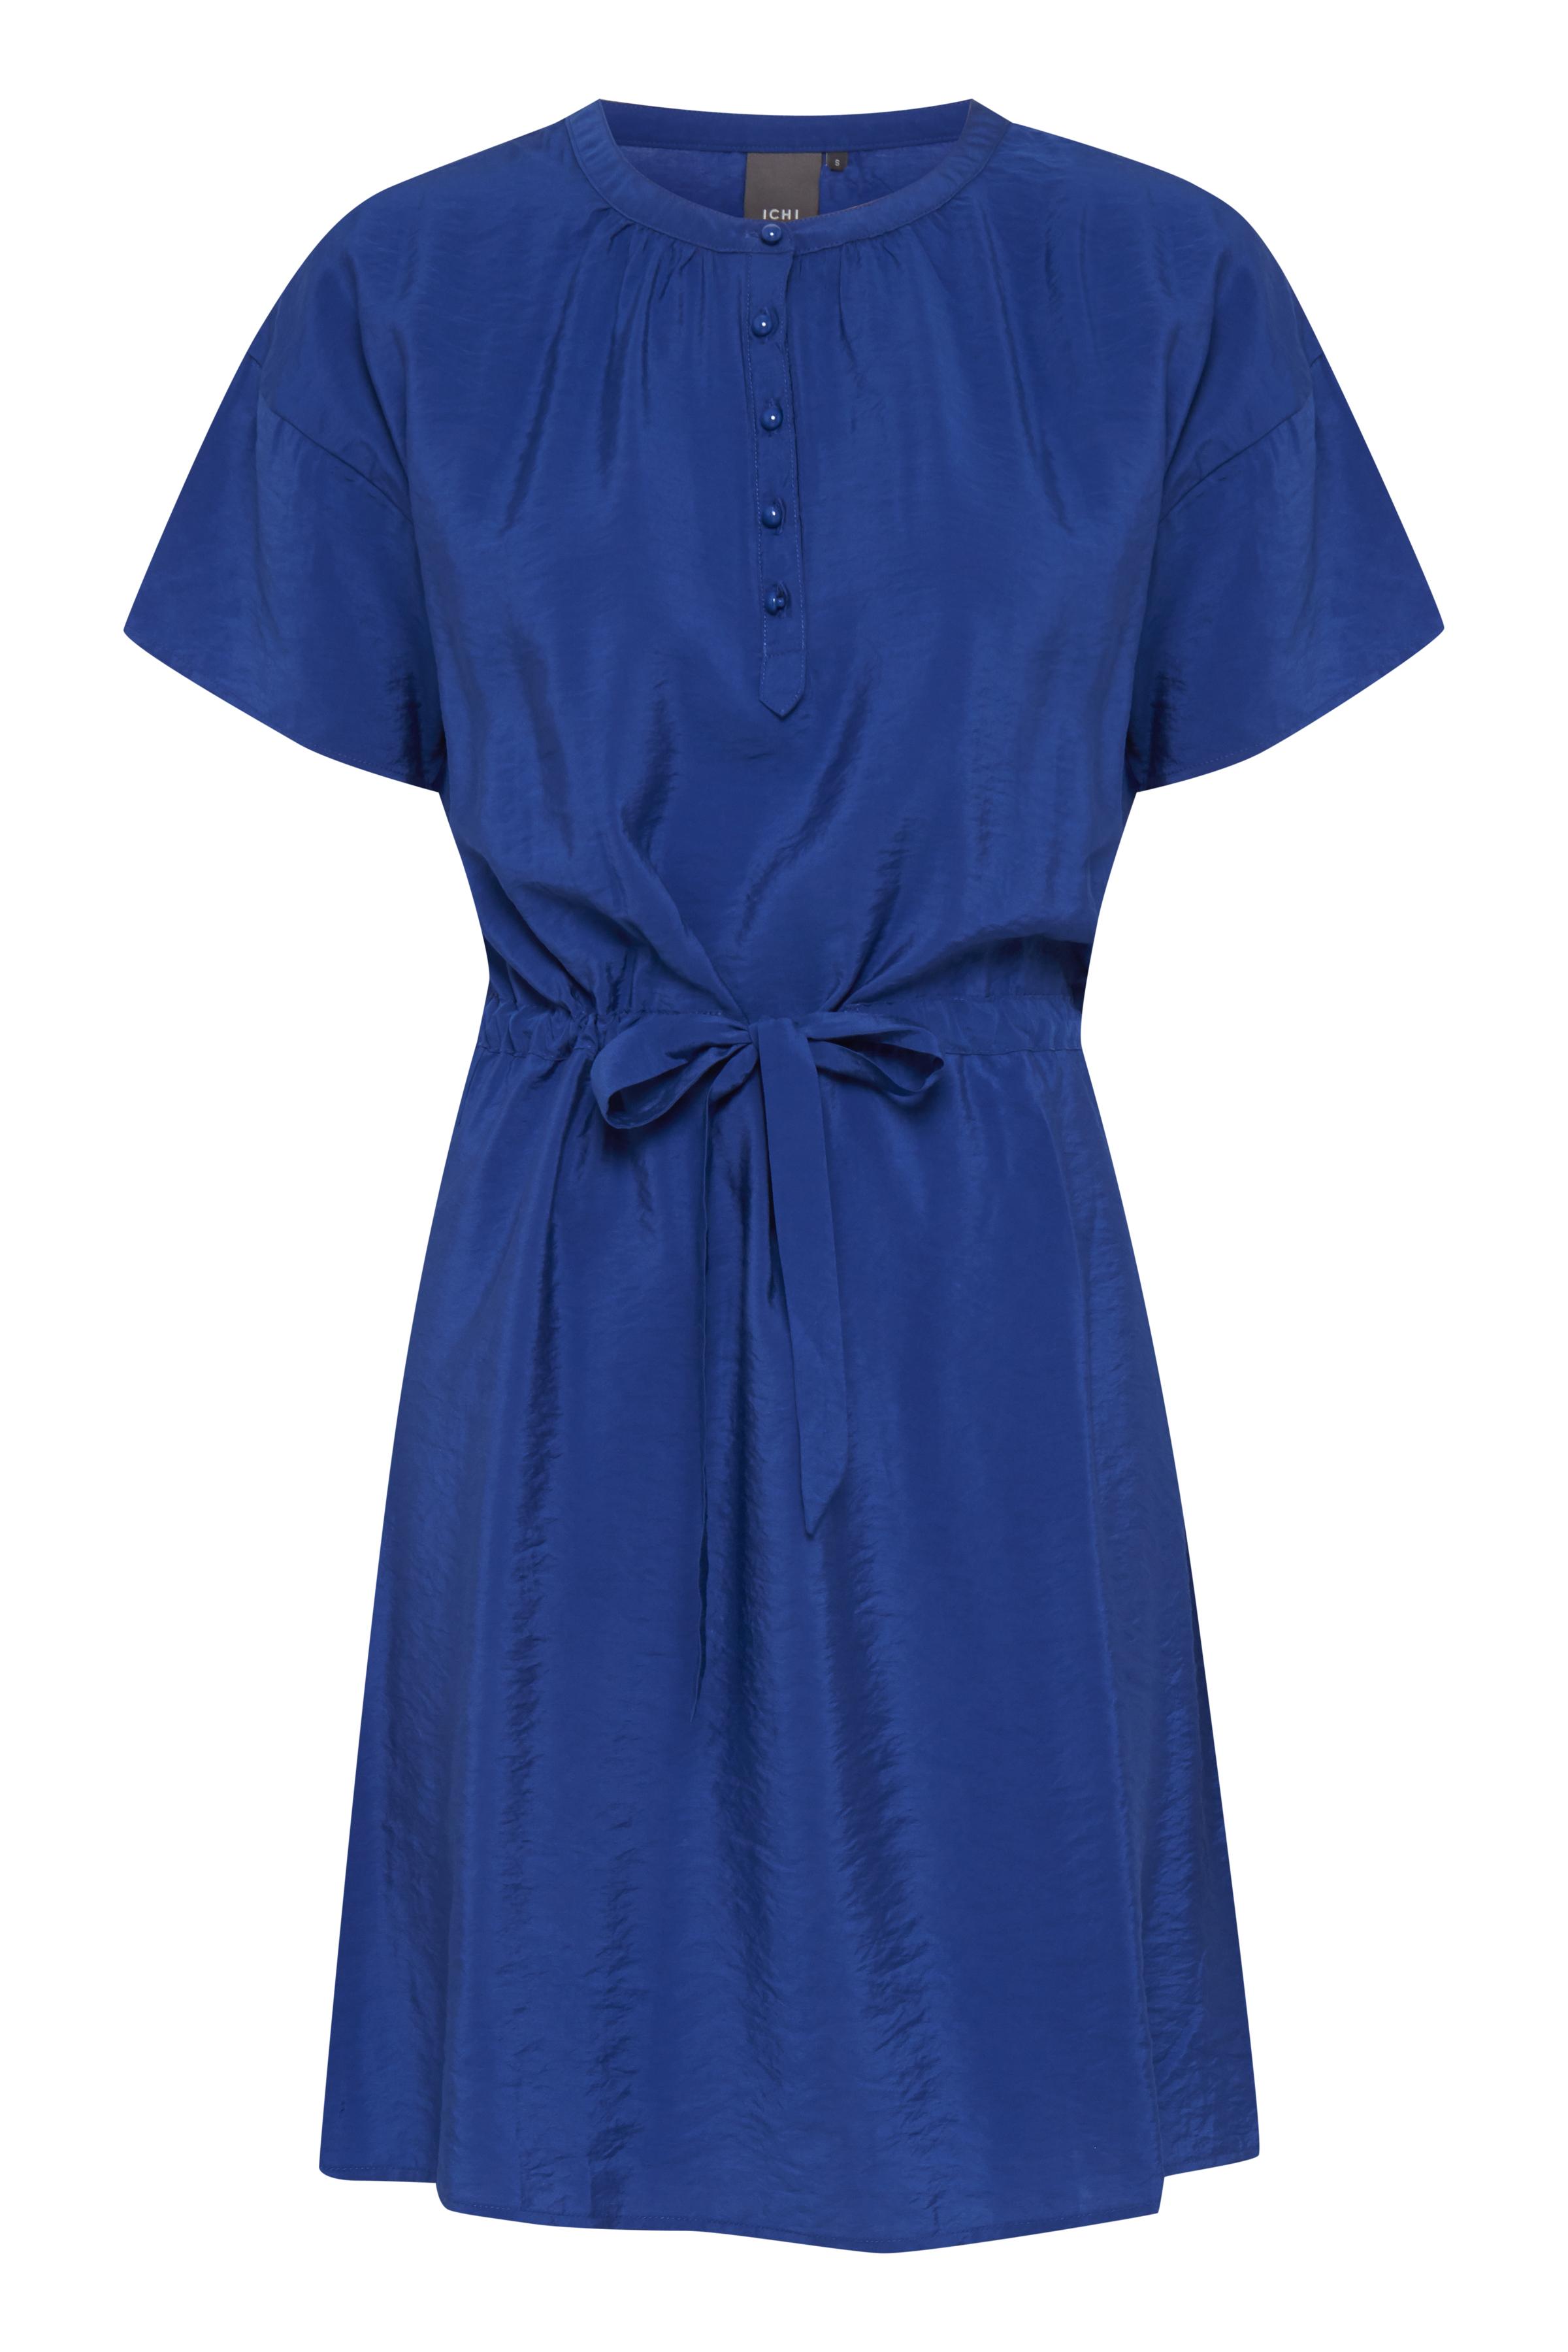 Mazarine Blue Kjole – Køb Mazarine Blue Kjole fra str. XS-XL her